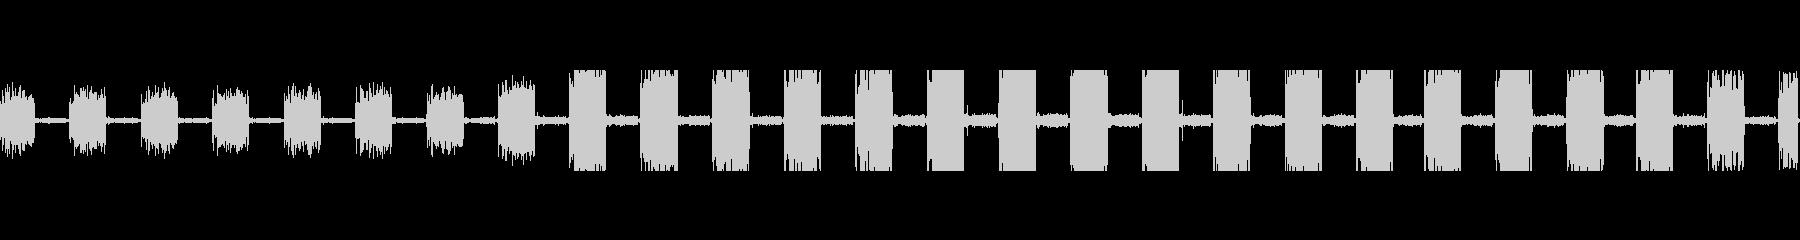 コンピュータープリンターアタリイン...の未再生の波形